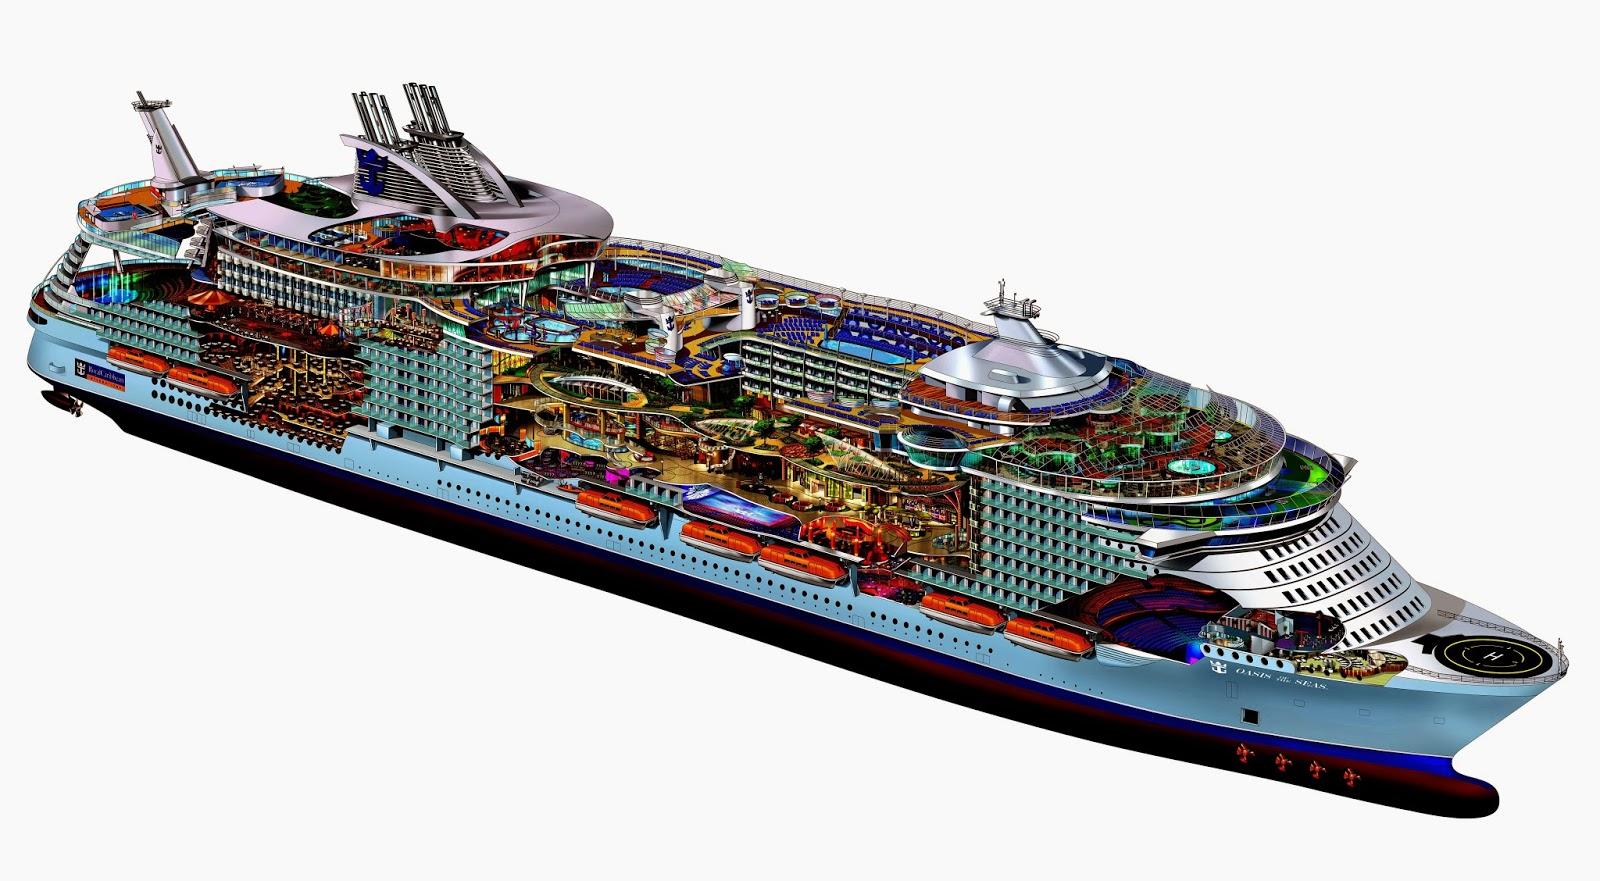 Zwitserw maritiem oasis of the seas het grootste cruiseschip van de wereld - Basket thuis van de wereld ...